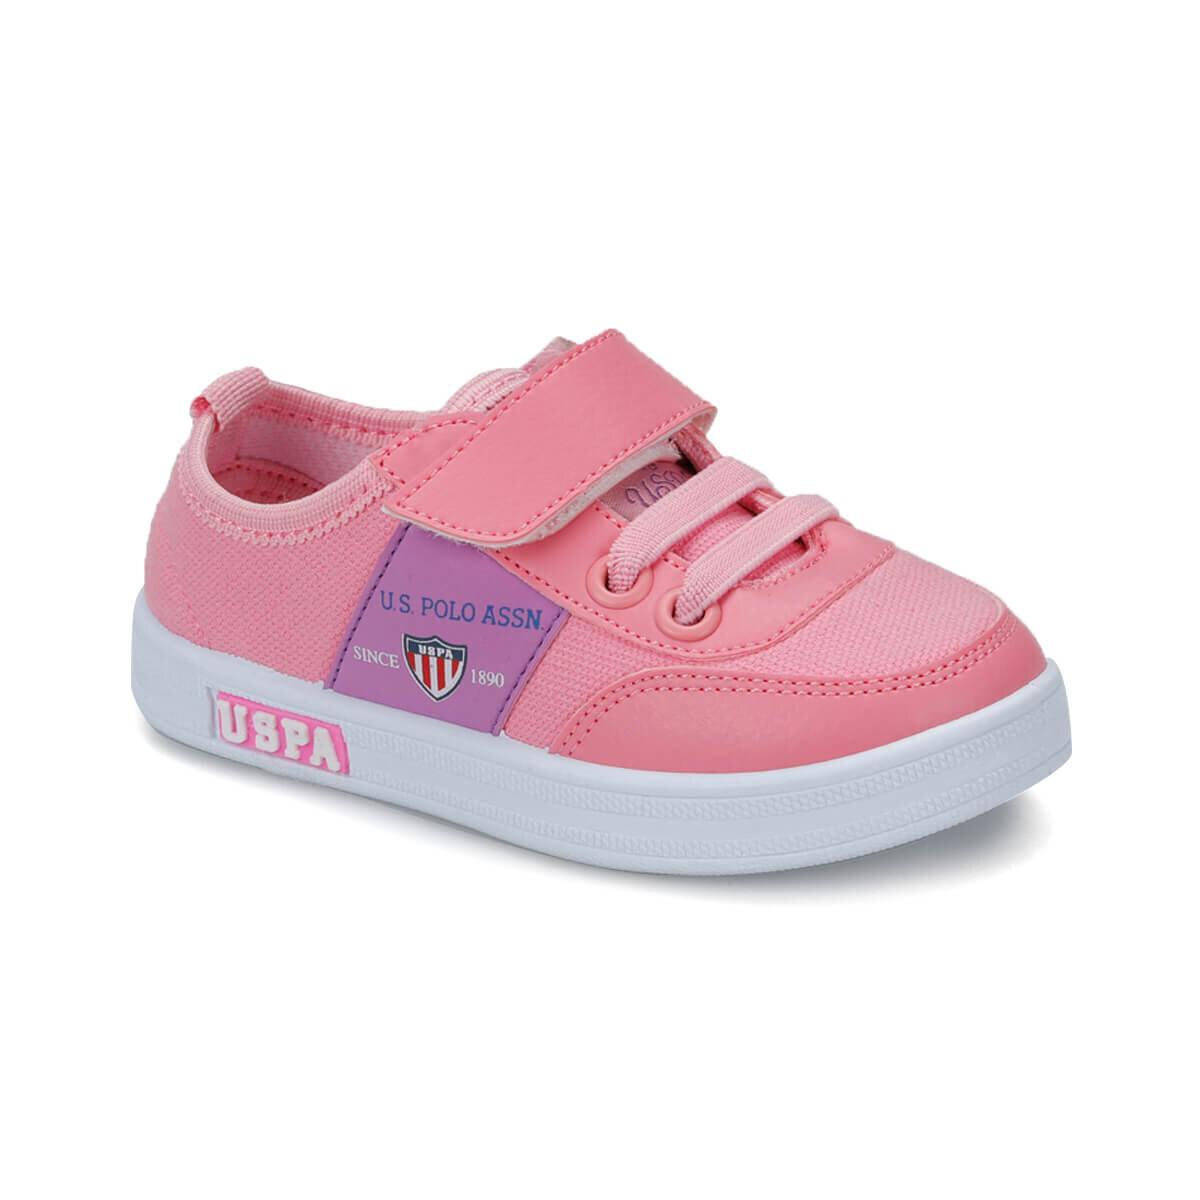 PEMBE Kız Çocuk Ayakkabı CAMERON TEXTILE